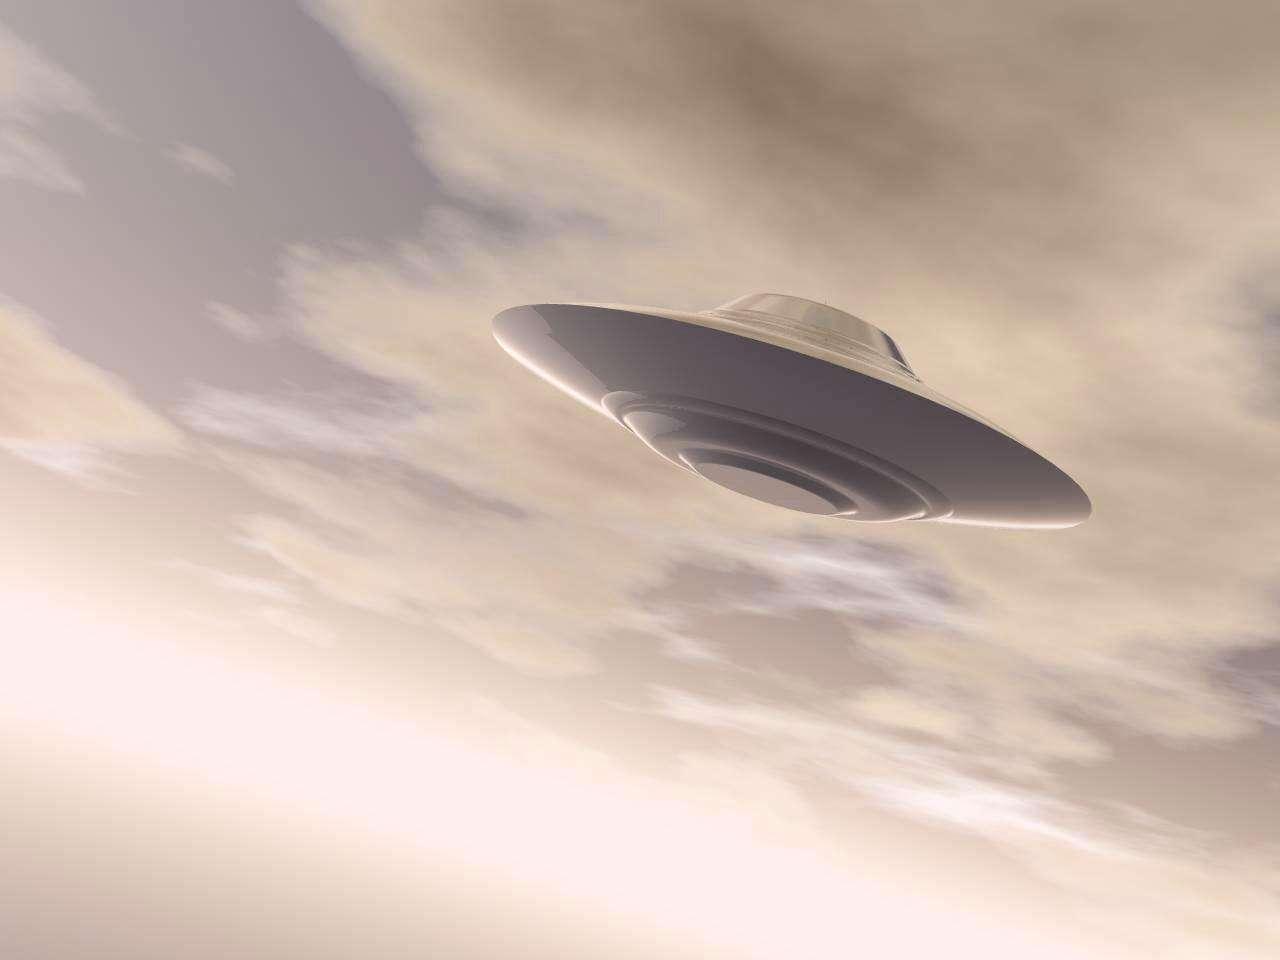 巴西发生目击UFO事件后,难道真有UFO 霍金对于UFO的建议很中肯